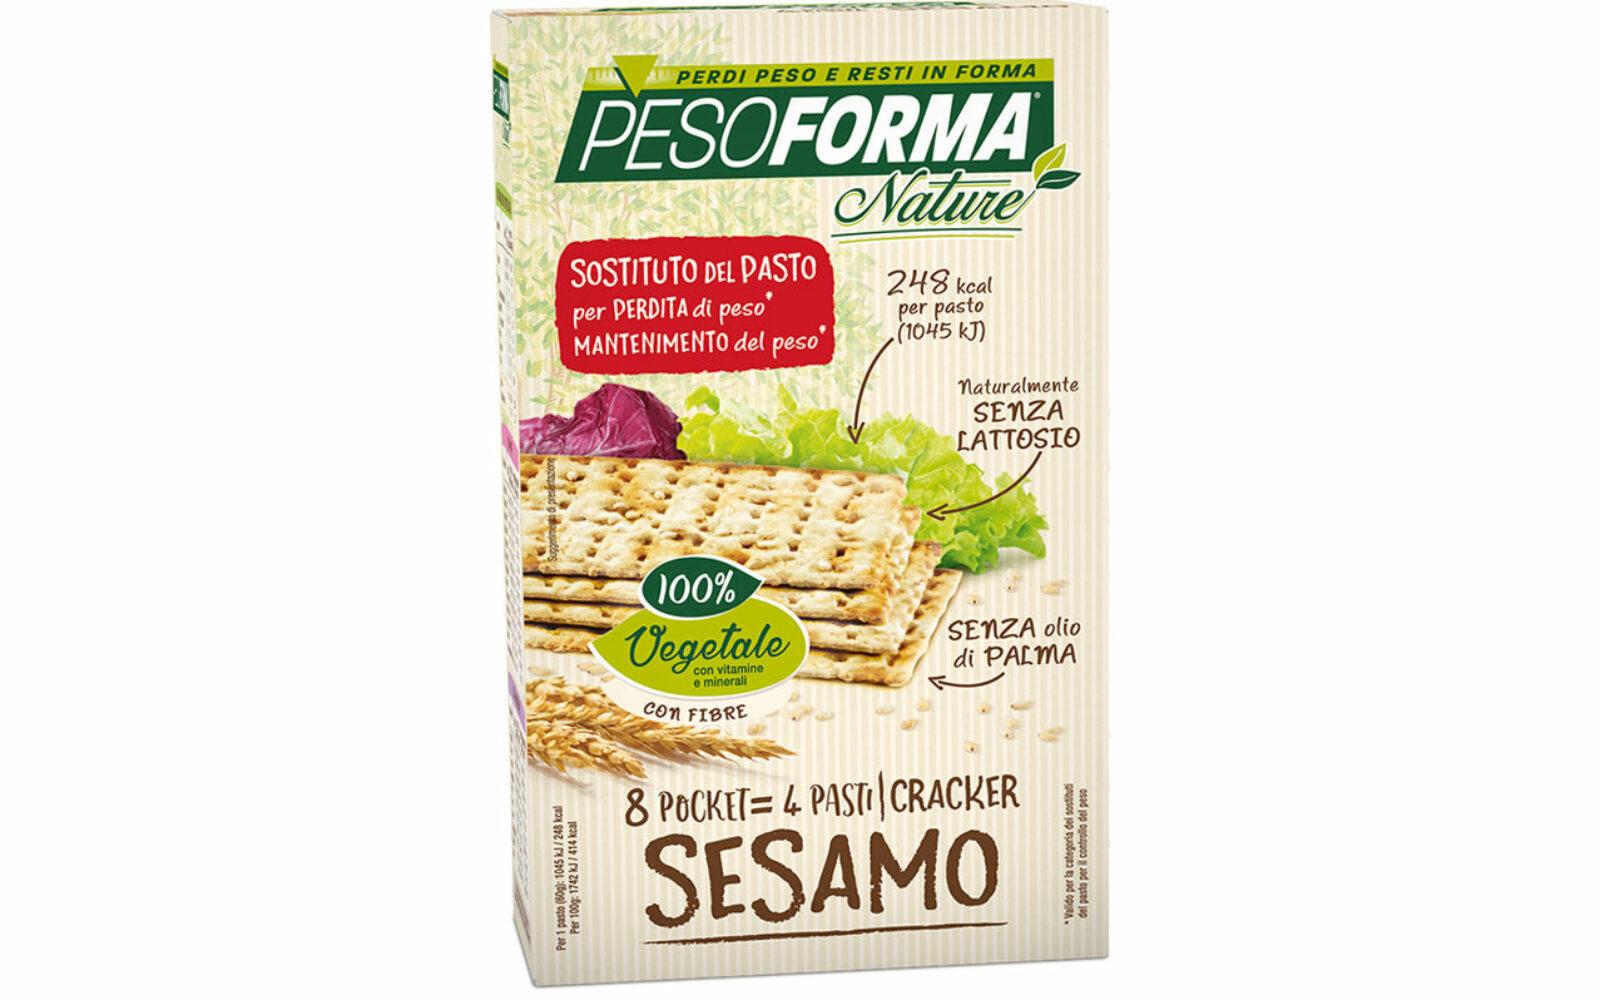 #2-Pesoforma-cracker-sesamo